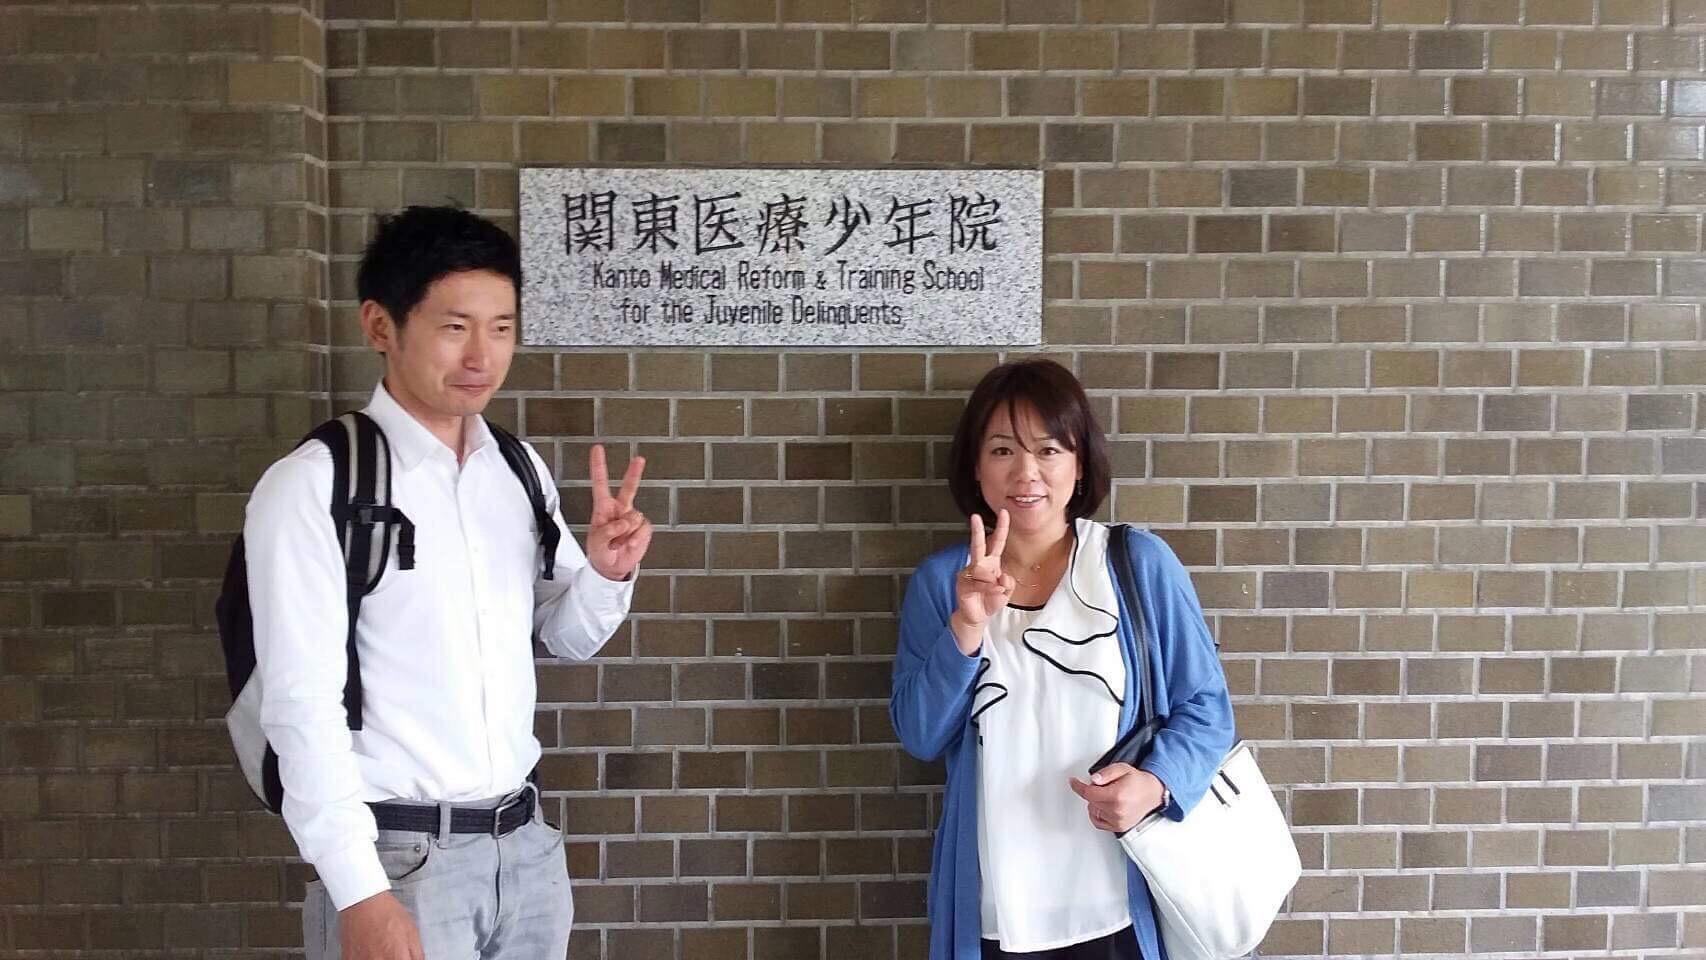 【写真】関東医療少年院の建物前で微笑むつとみひろしさん、なかむらすえこさん